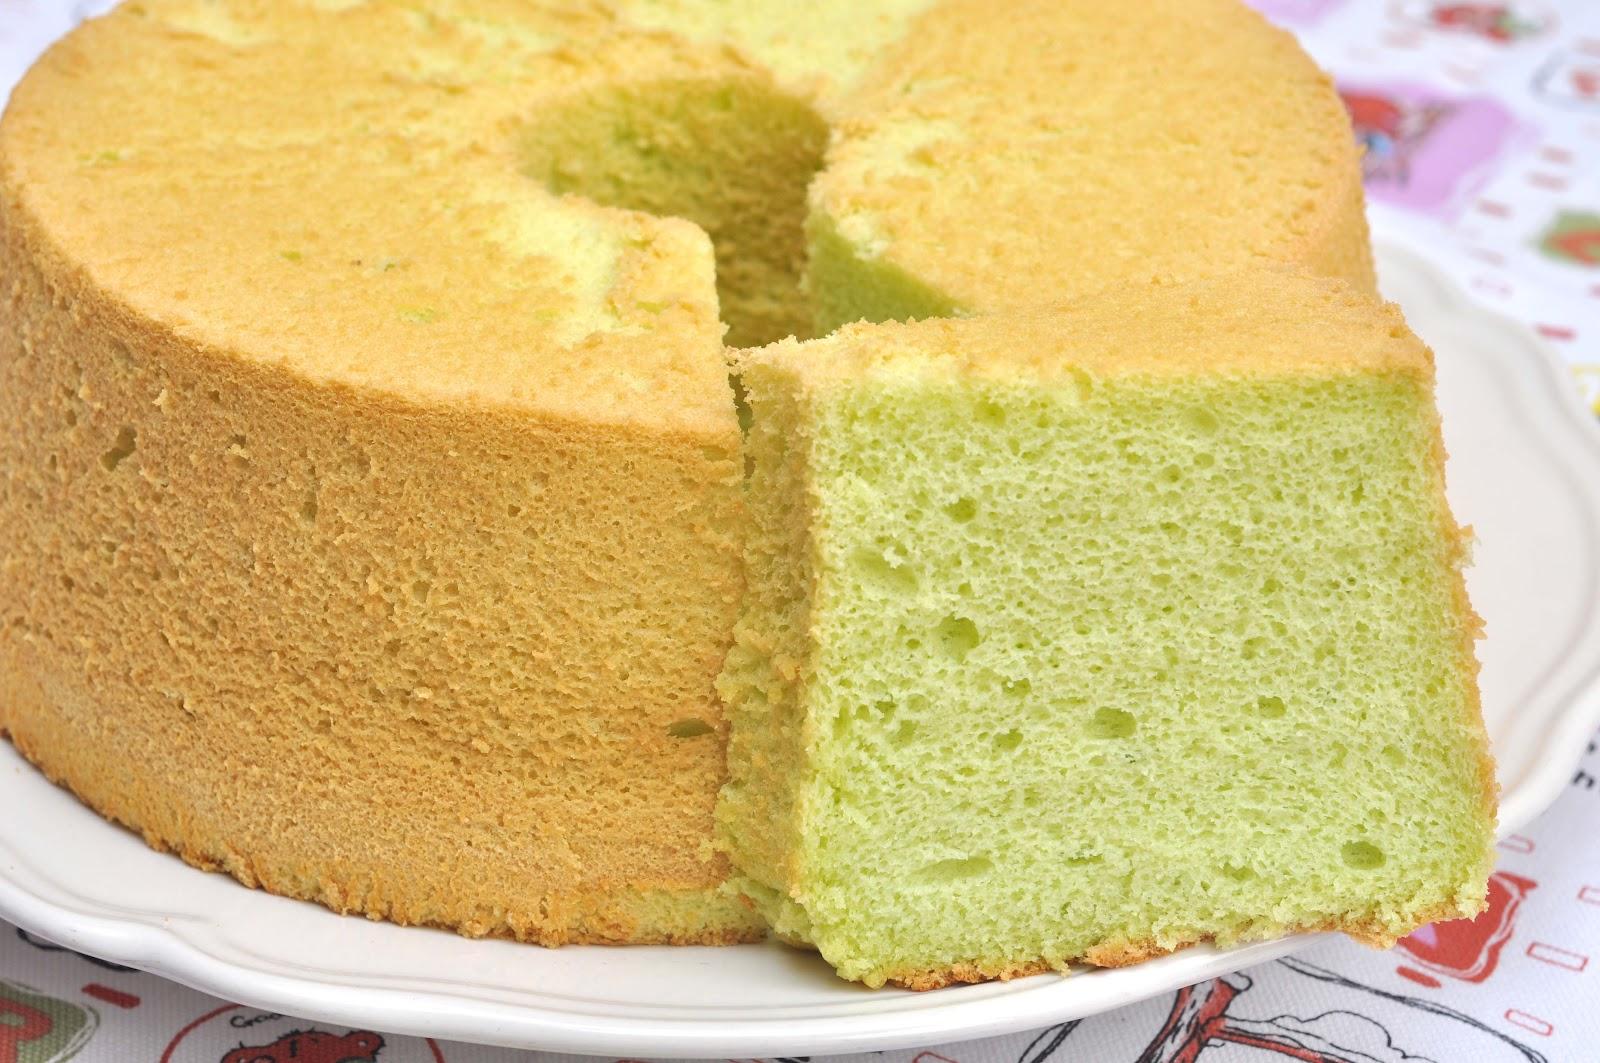 Veronica's Kitchen: Pandan Chiffon Cake - 香兰叶戚风蛋糕